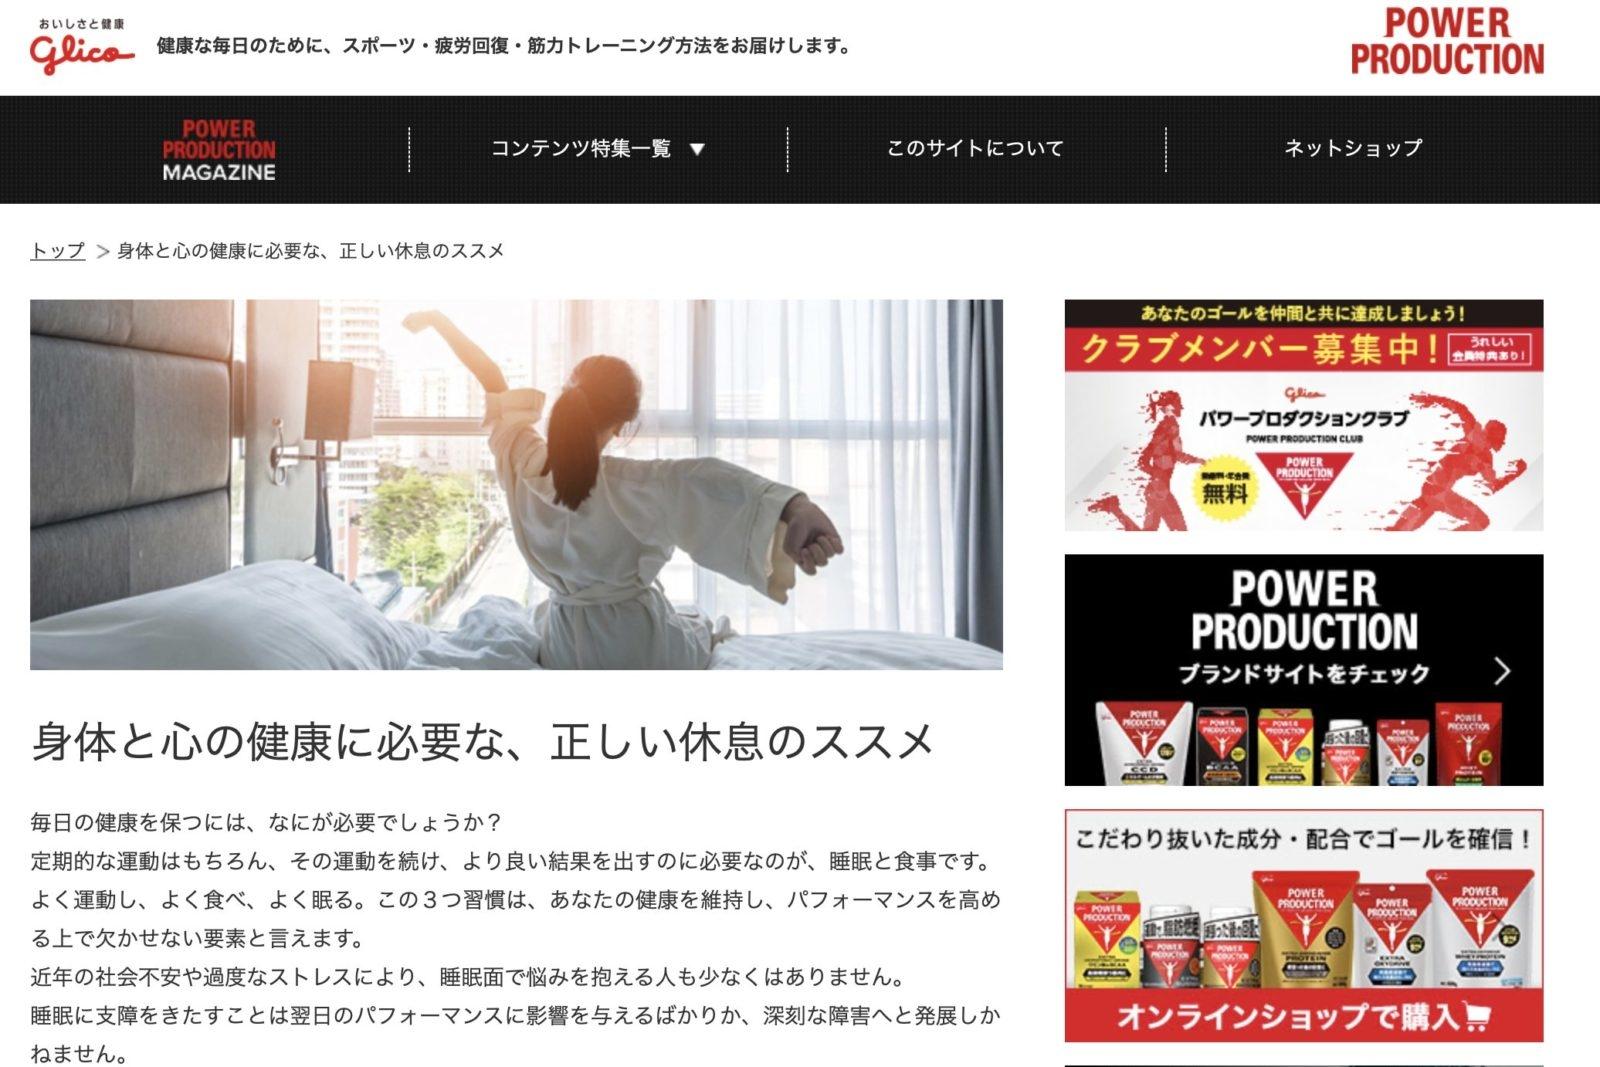 グリコ「POWER PRODUCTION MAGAZINE」